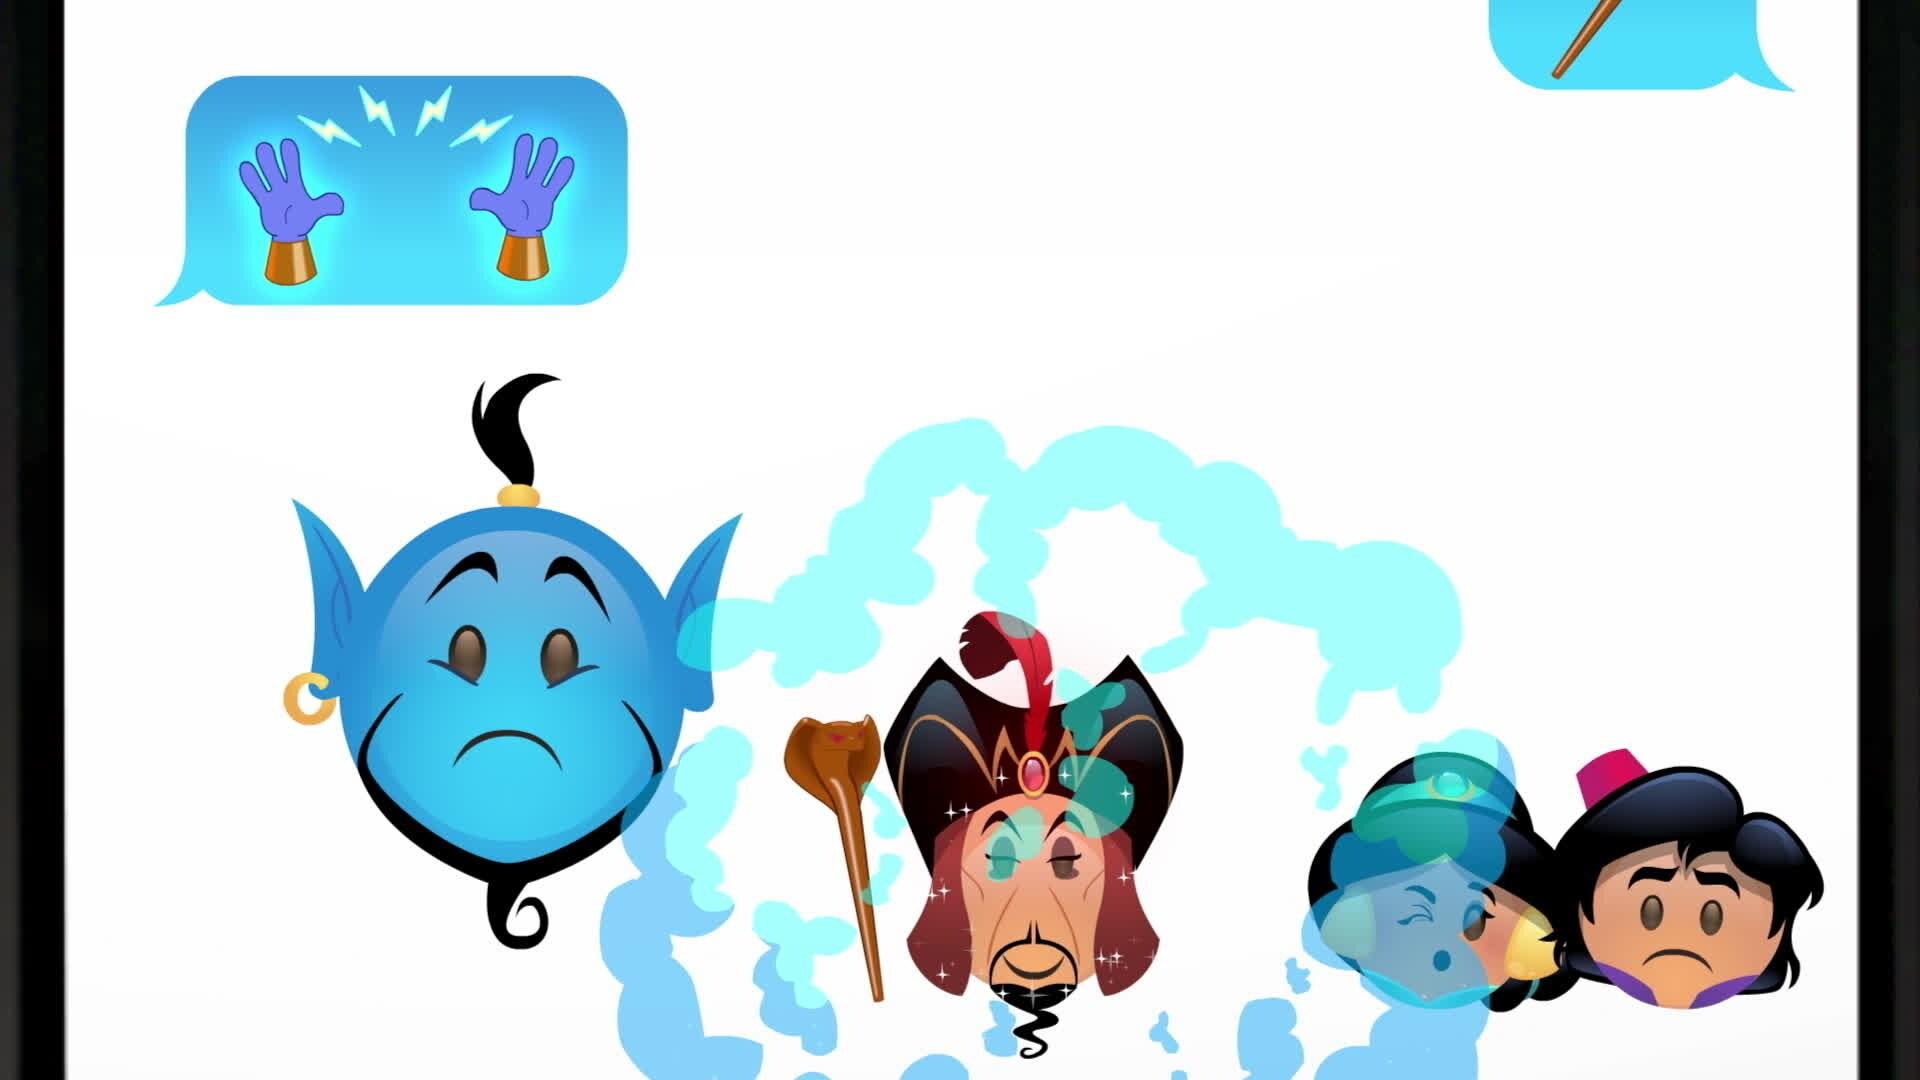 Aladin raccontato dagli Emoji